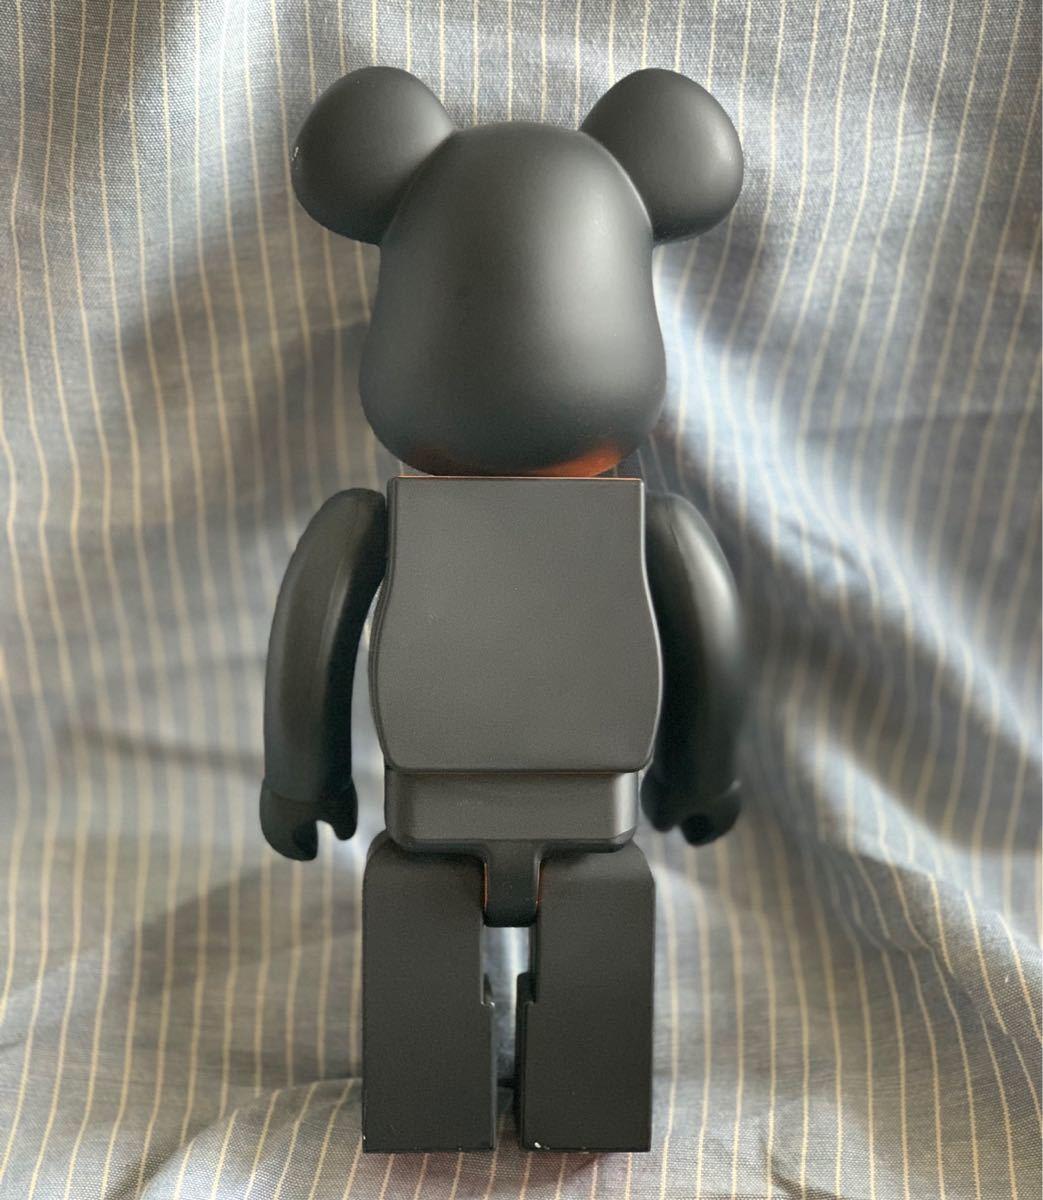 PORTER ポーター ベアブリック BE@RBRICK 400% ドール 人形 黒 オレンジ フィギュア 初代 _画像2